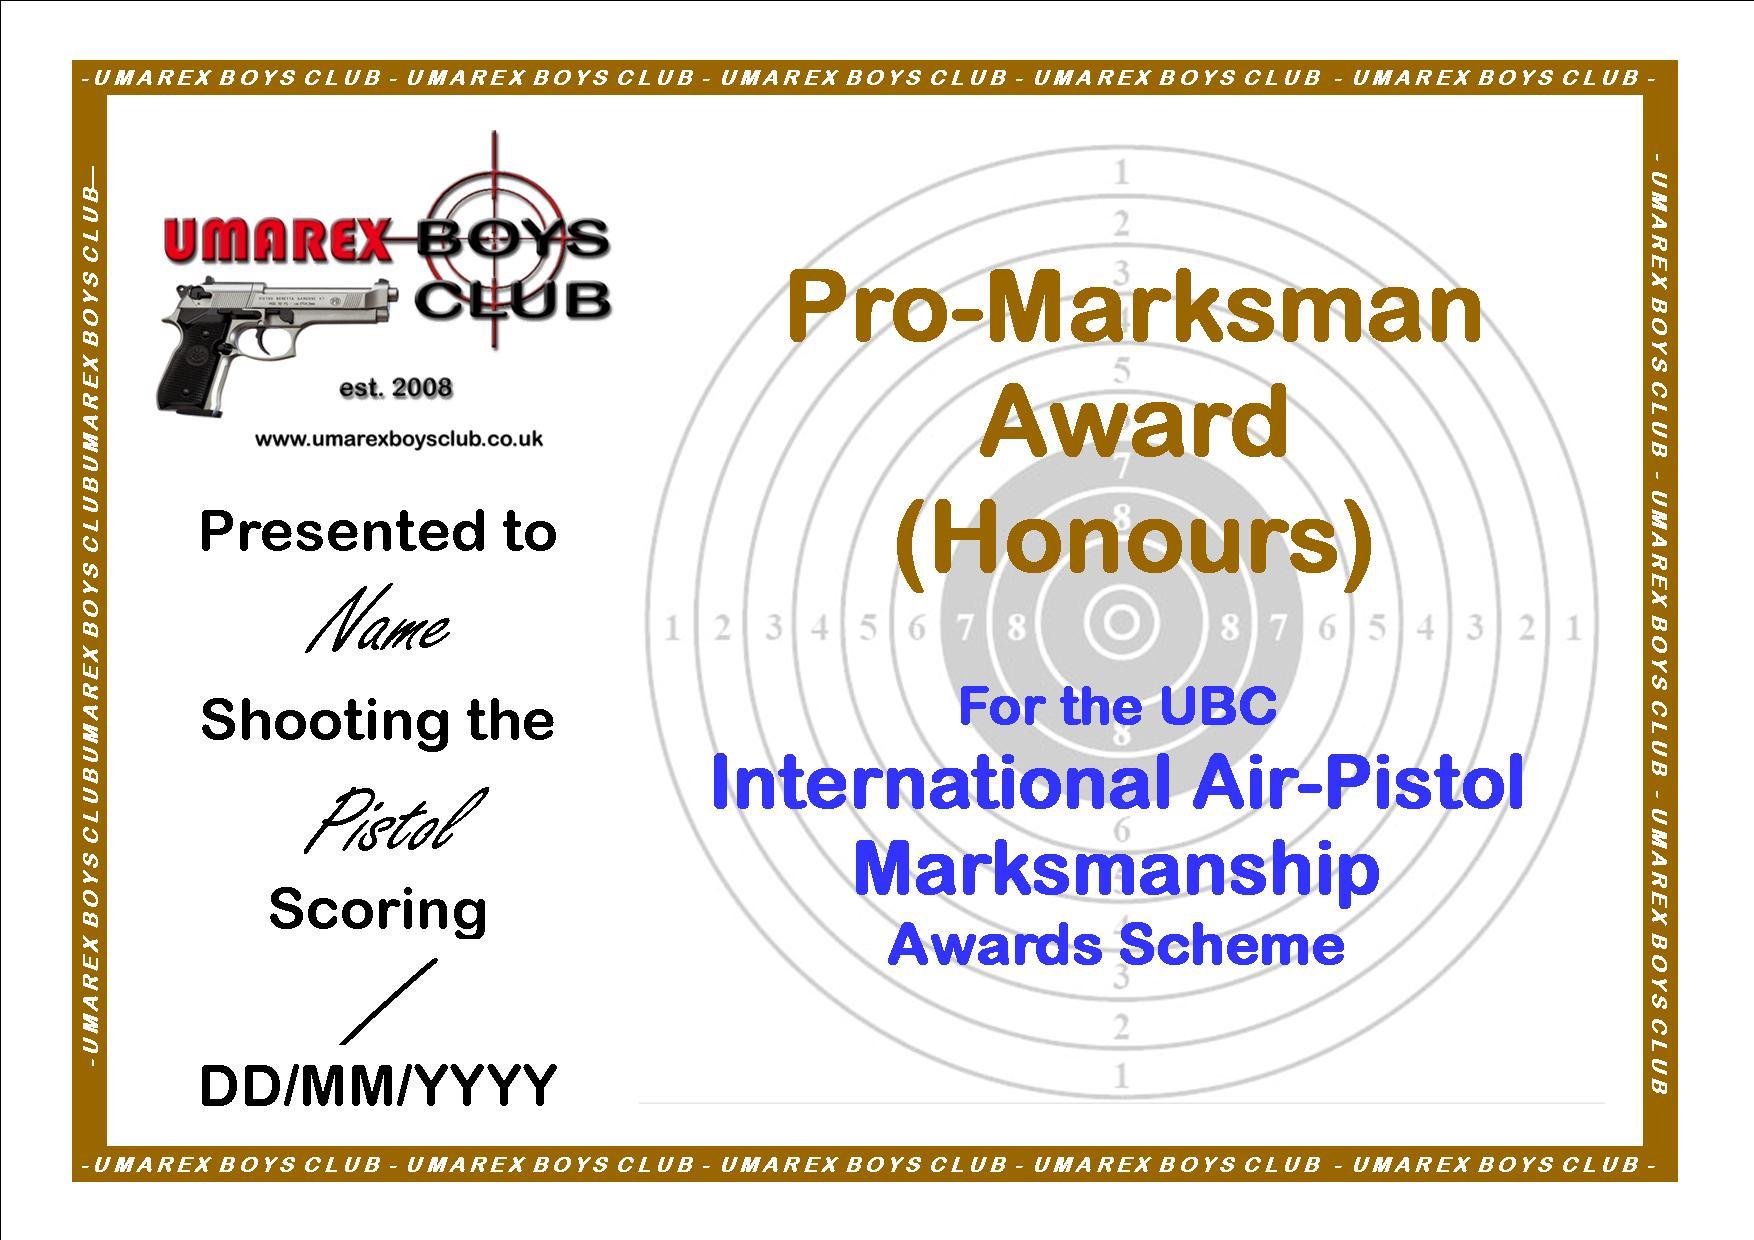 Ubc marksman award scheme certificates ubc marksman award scheme certificates xflitez Choice Image